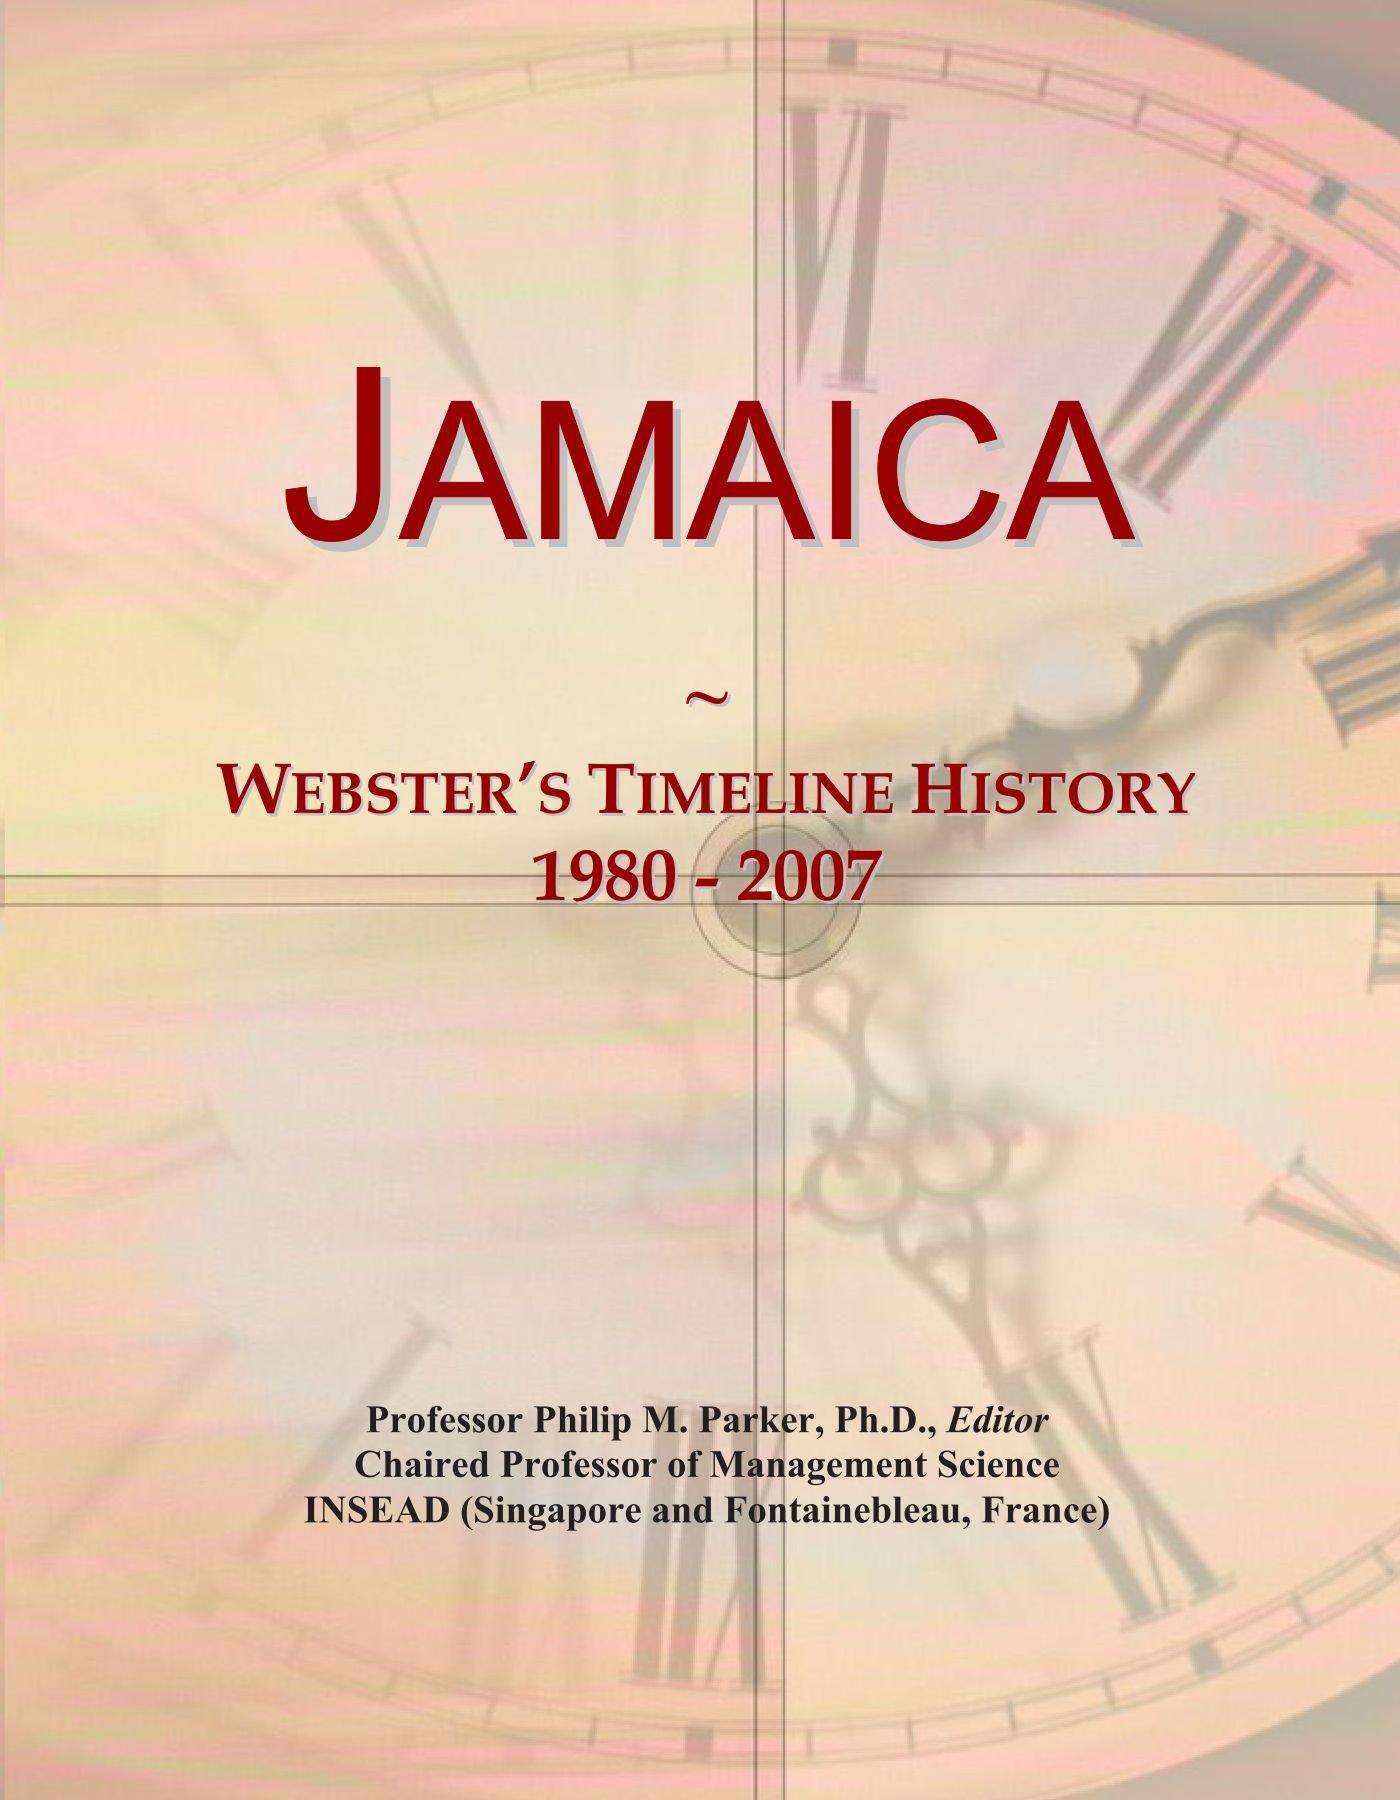 Jamaica: Webster's Timeline History, 1980 - 2007